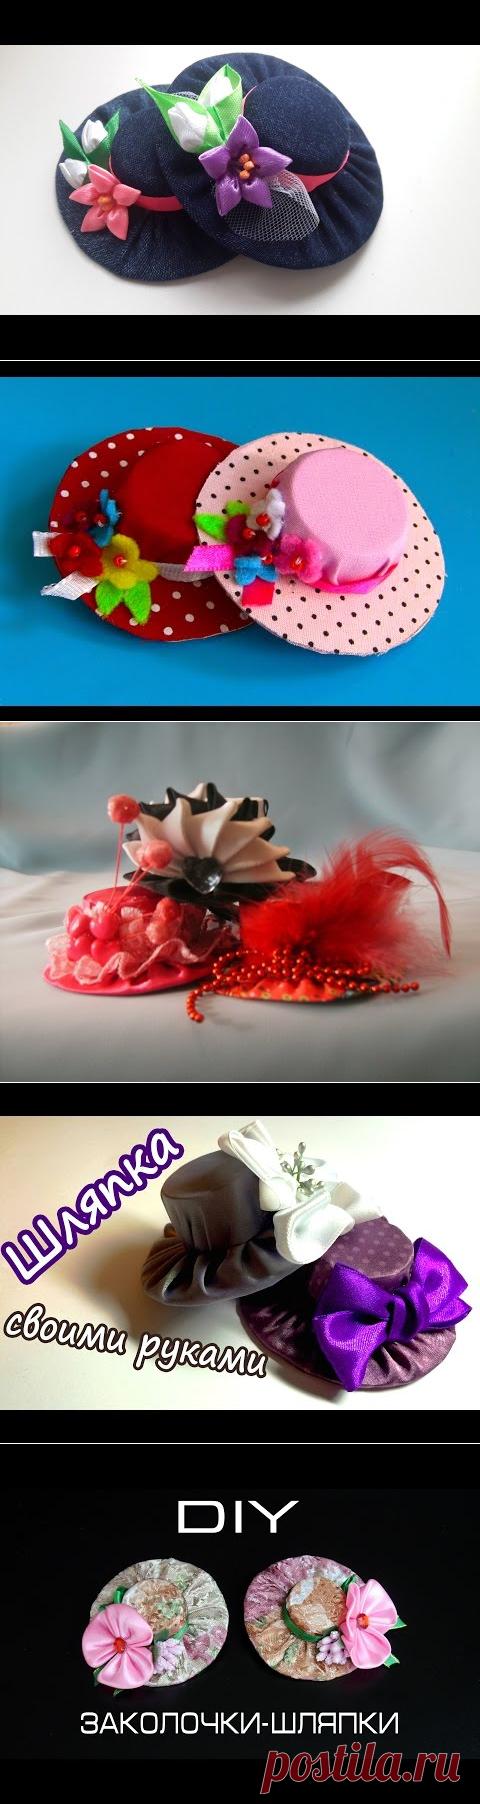 Как сделать шляпку своими руками    Мастер Класс   Основа для Канзаши - Y  a873f19b238c5